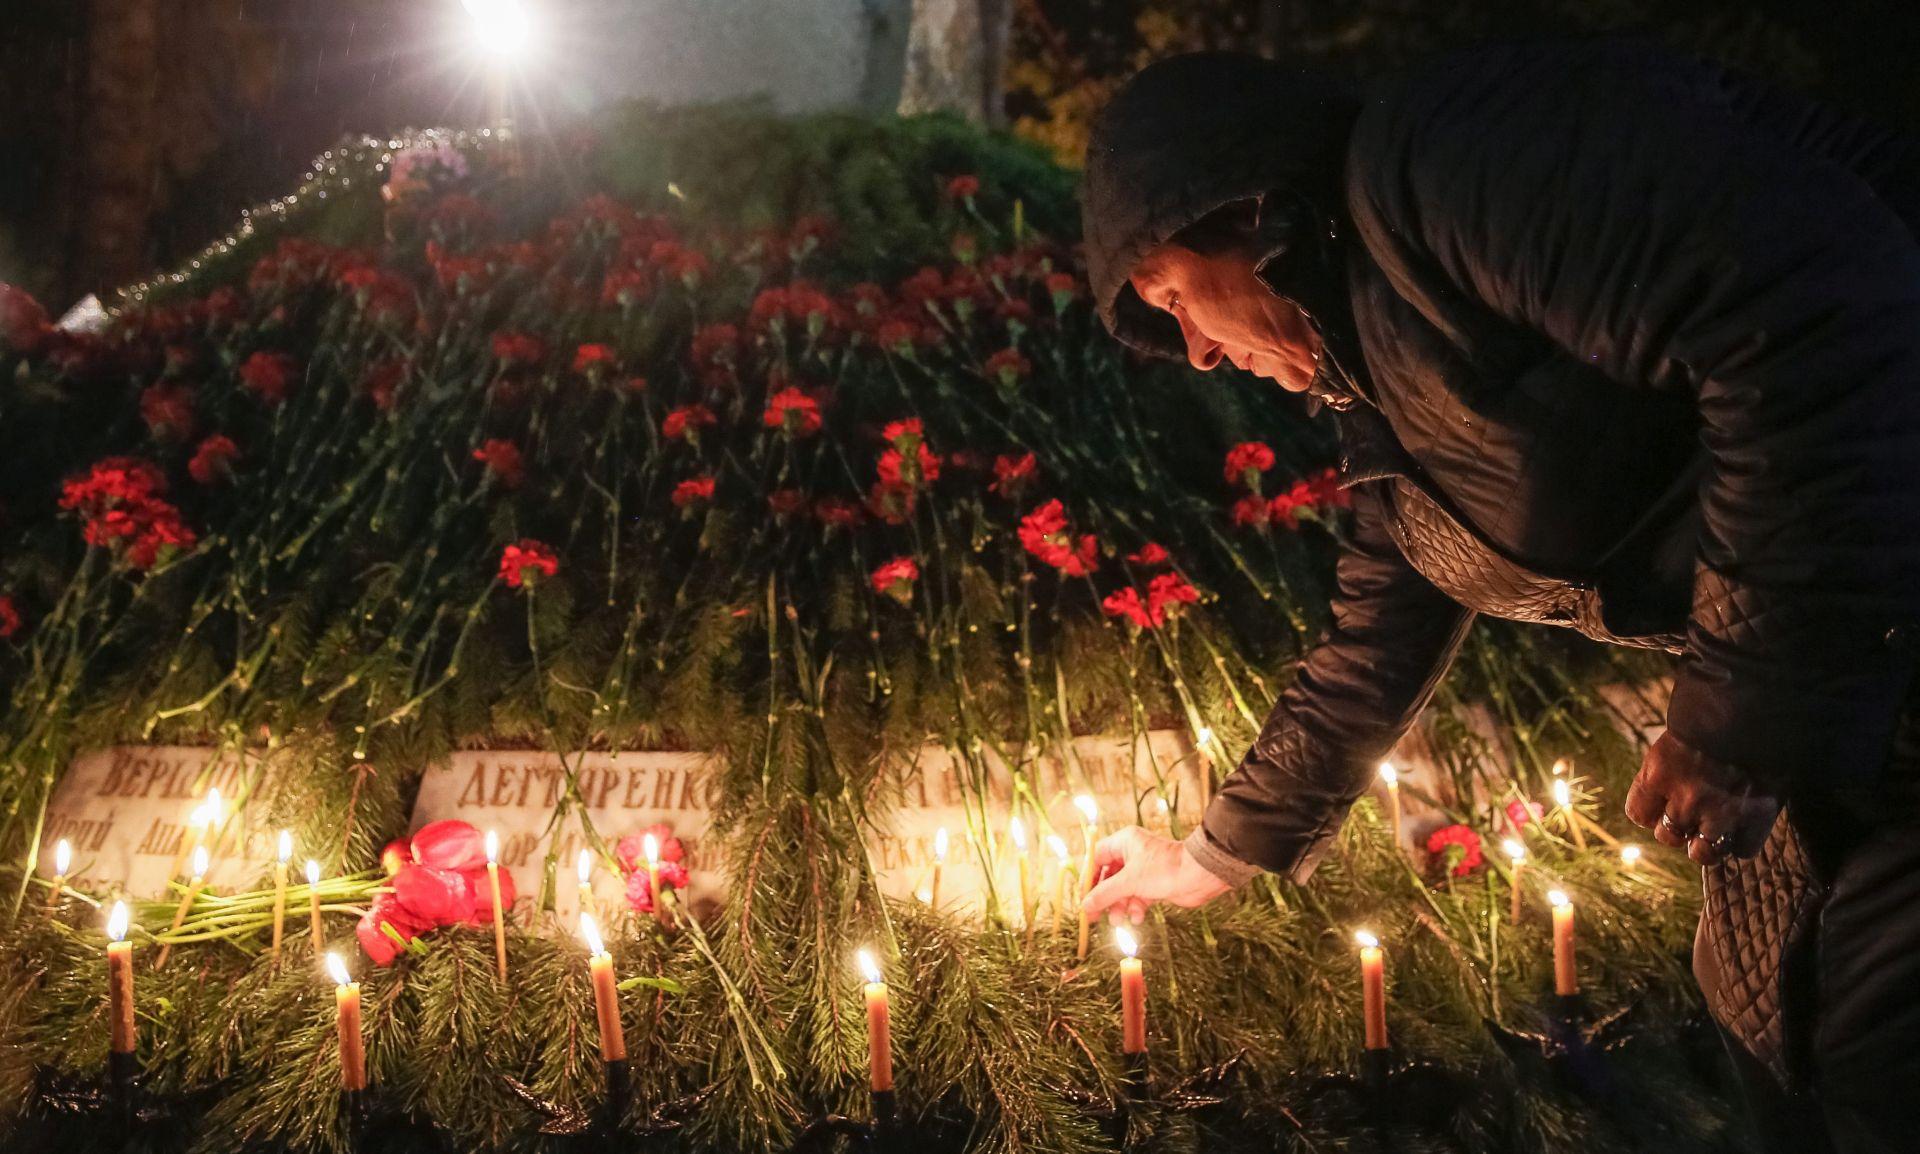 NAJVEĆA NUKLEARNA KATASTROFA U POVIJESTI Ukrajina obilježava tridesetu obljetnicu Černobila